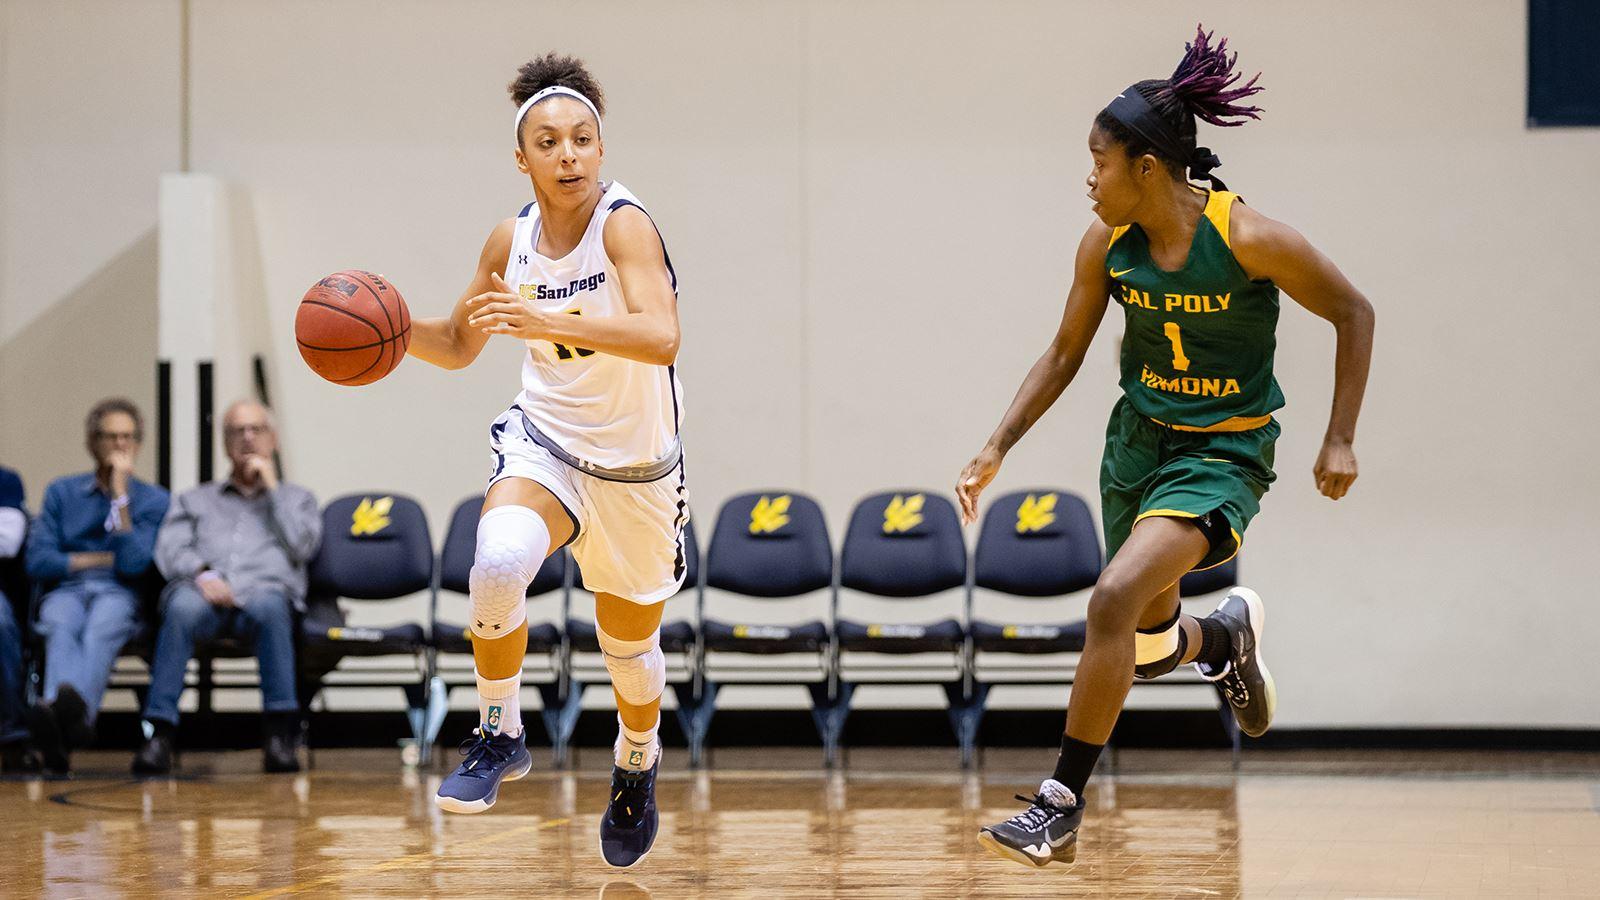 UCSD Μπάσκετ Γυναικών Αρχεία καταγραφής 10η Ευθεία Νίκη για να Κρατήσει την 1η Θέση